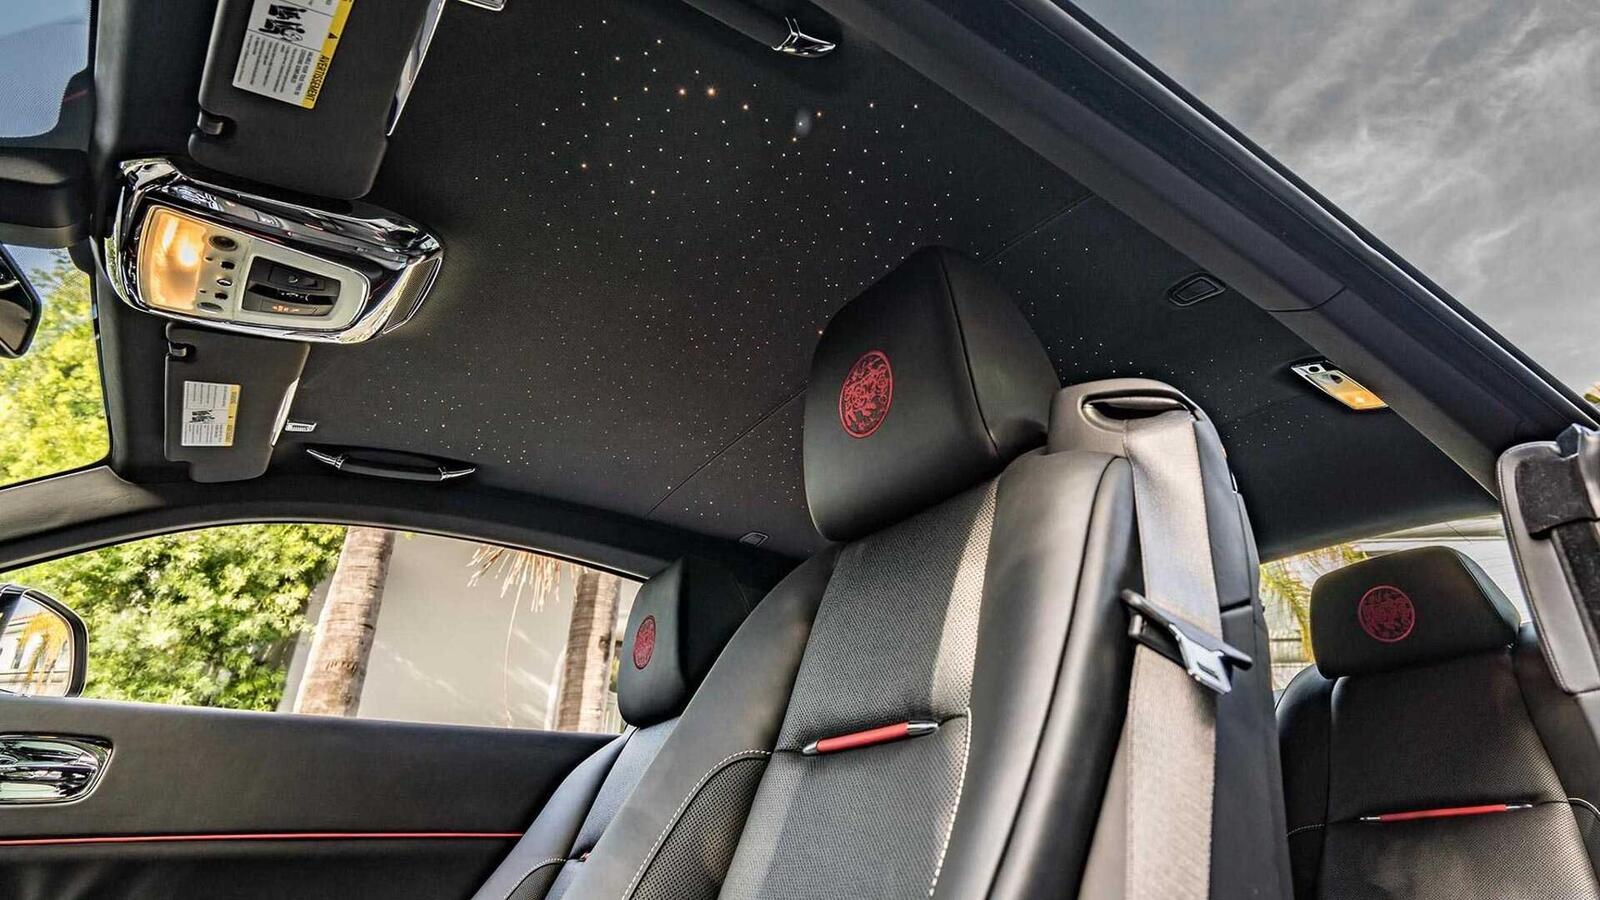 Mừng năm Kỷ Hợi, Rolls-Royce giới thiệu Ghost, Wraith và Dawn phiên bản đặc biệt ''Year of the Pig'' - Hình 8